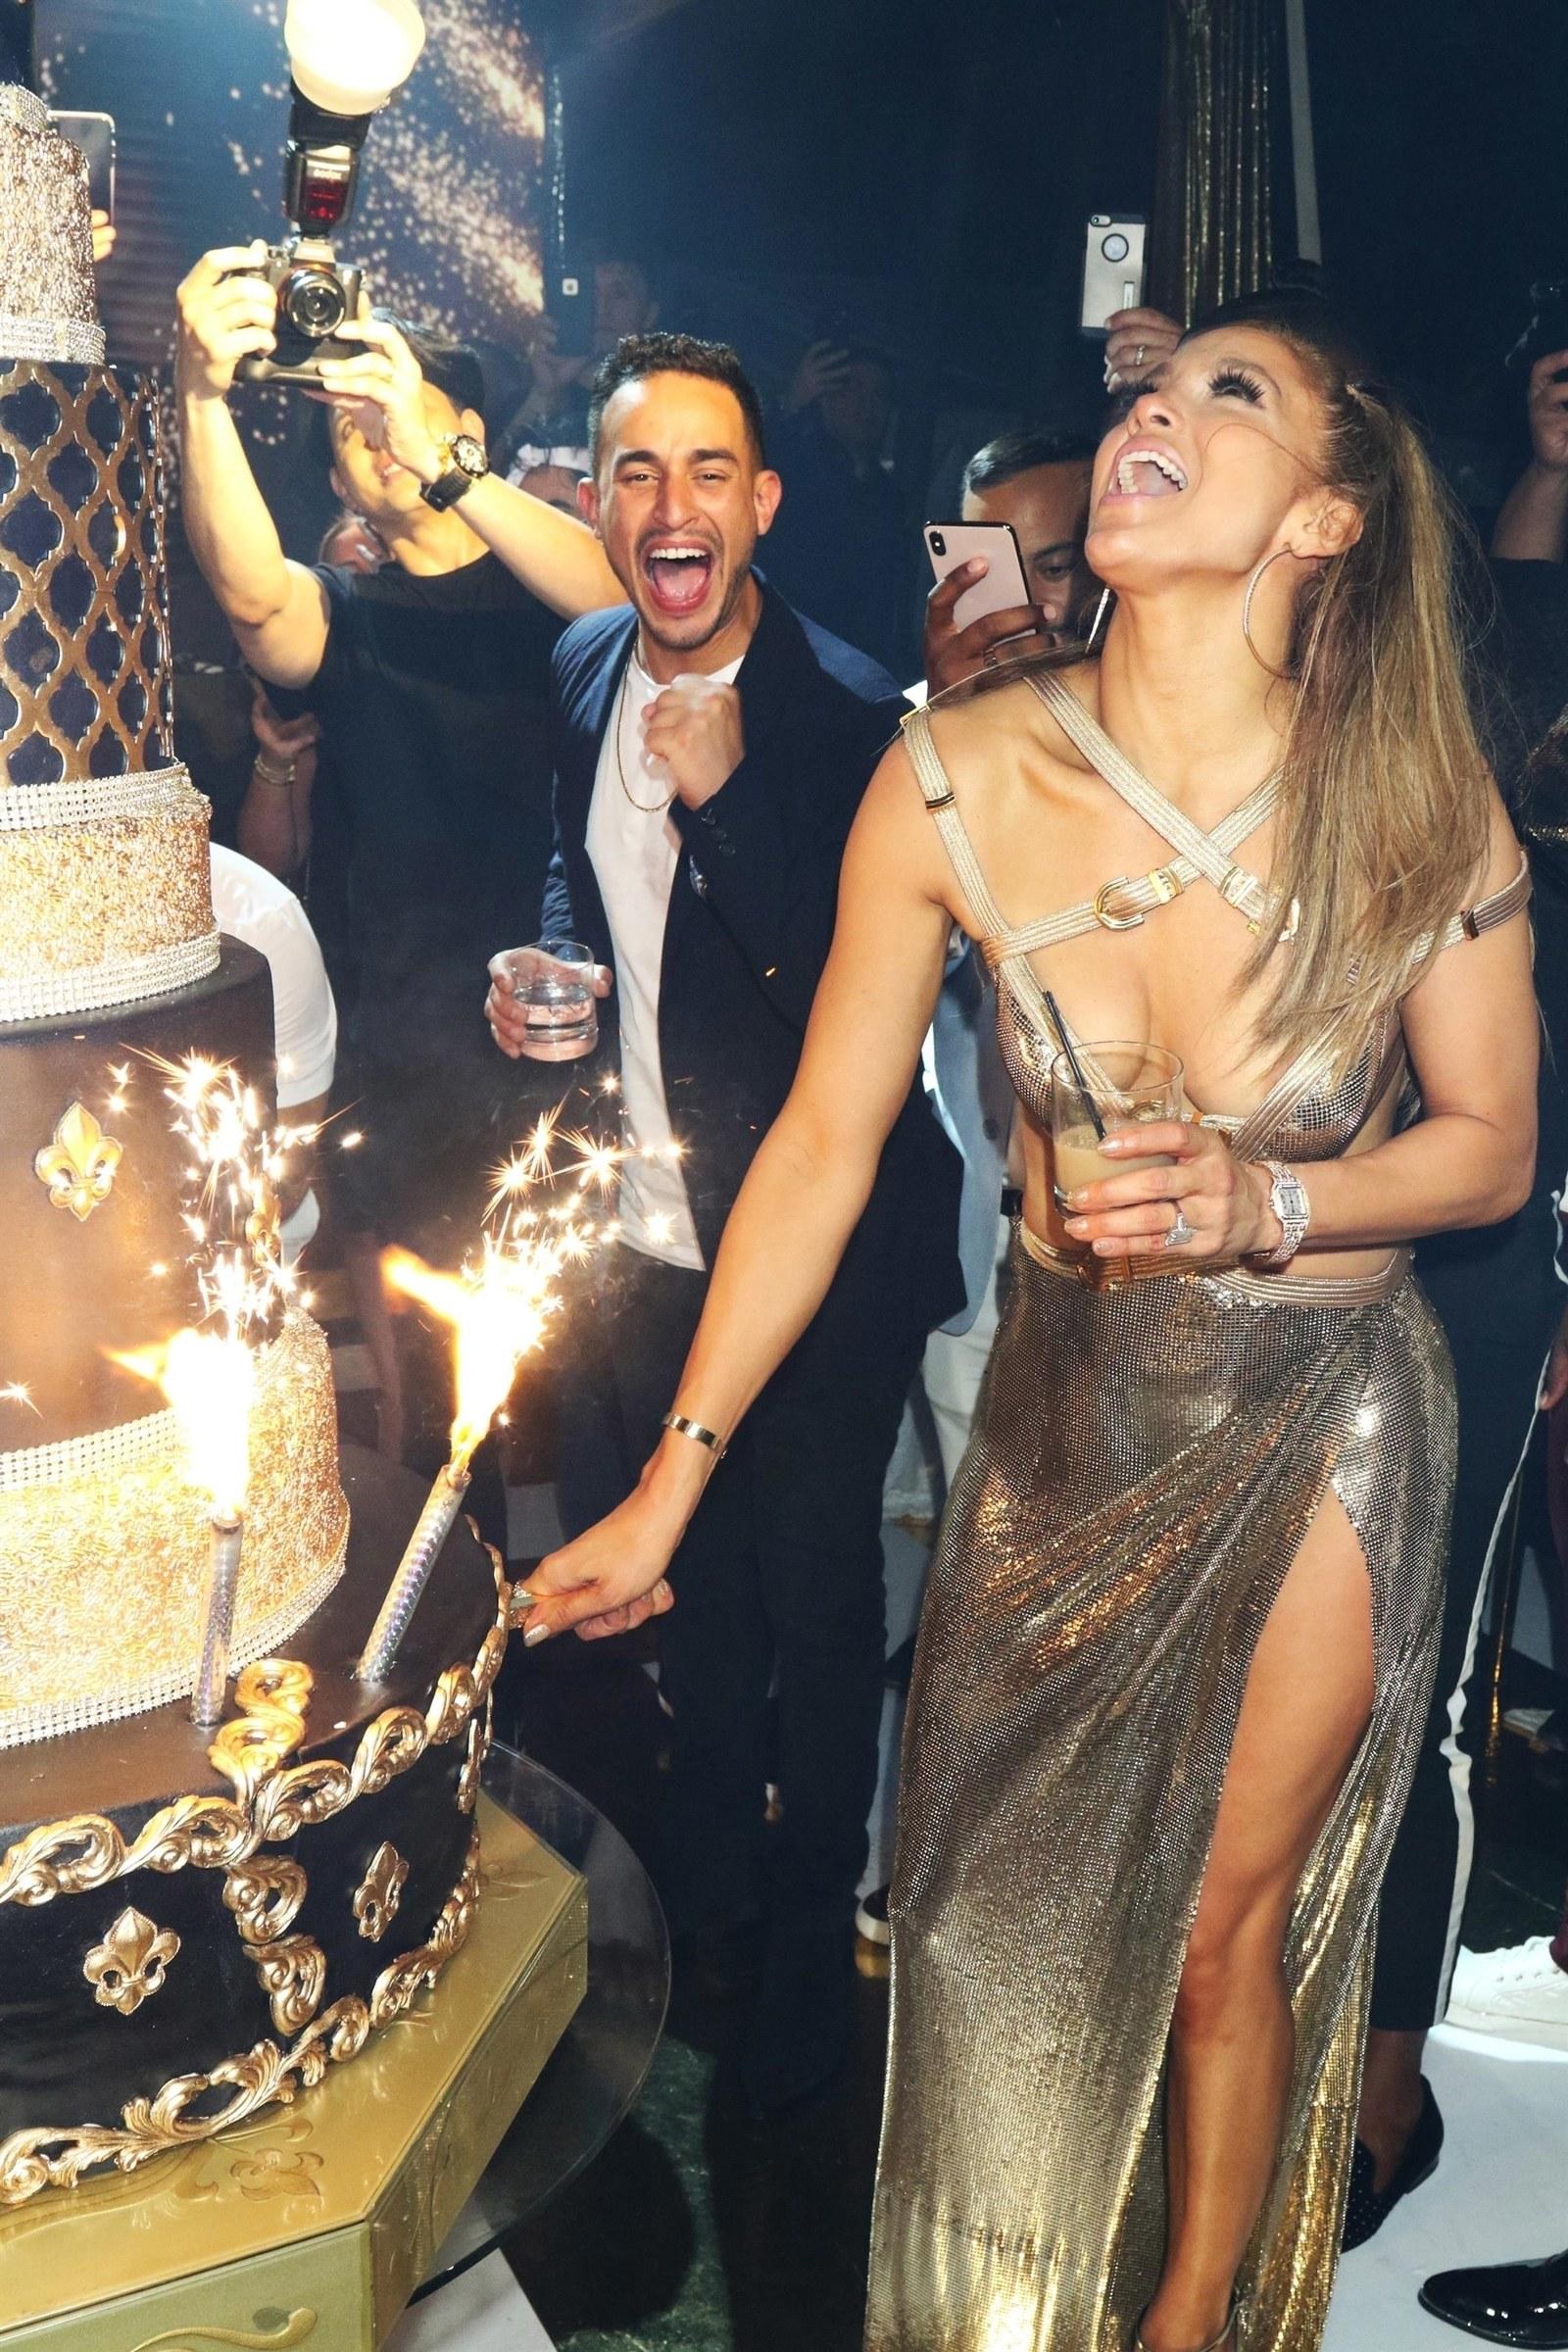 Jennifer Lopez 50. születésnapját is egy dögös Versace ruhában ünnepelte. (Btw, igen, már 50! Hihetetlen!)